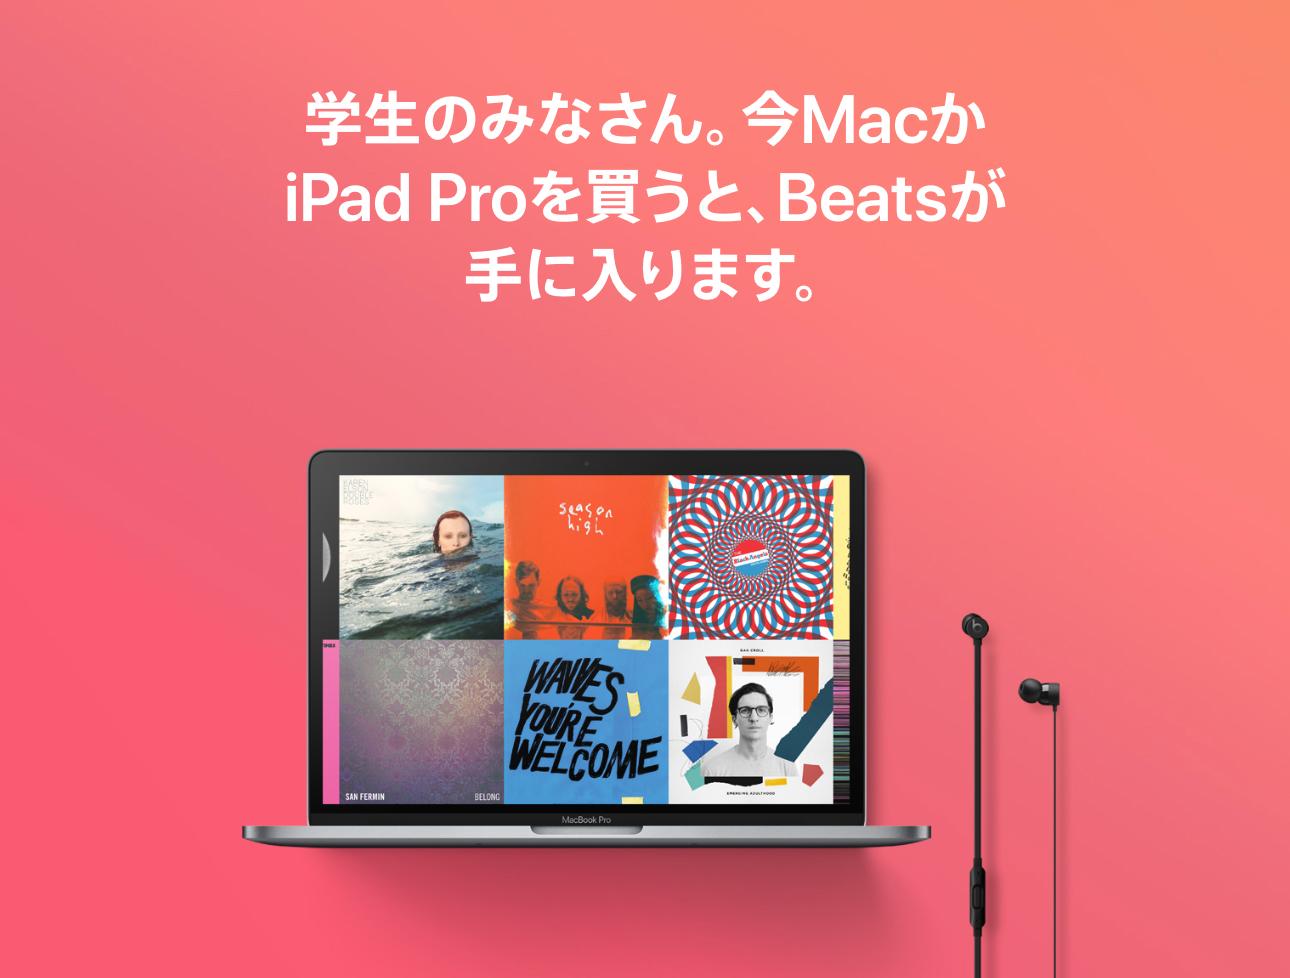 Apple Store、学生・教職員を対象にMacやiPad Proを買うとBeatsヘッドフォンがもらえる2018年「新学期を始めよう」キャンペーン開始